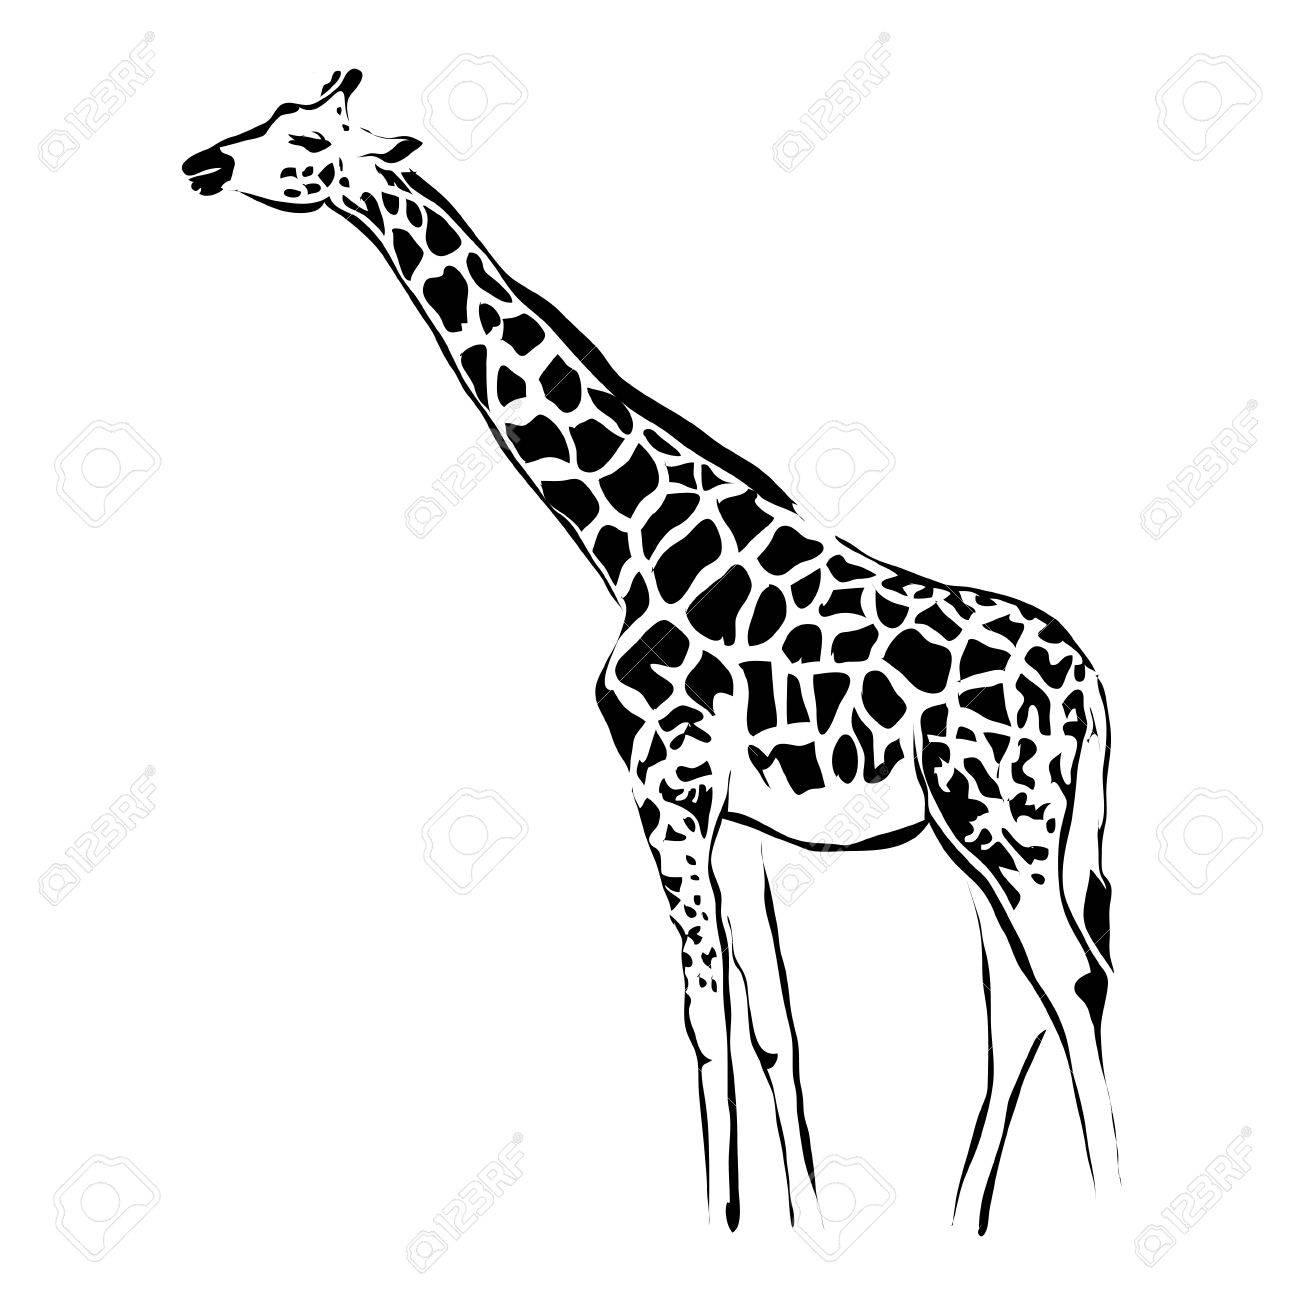 outline giraffe vector image can be use for logo royalty free rh 123rf com giraffe vector silhouette giraffe vector pattern